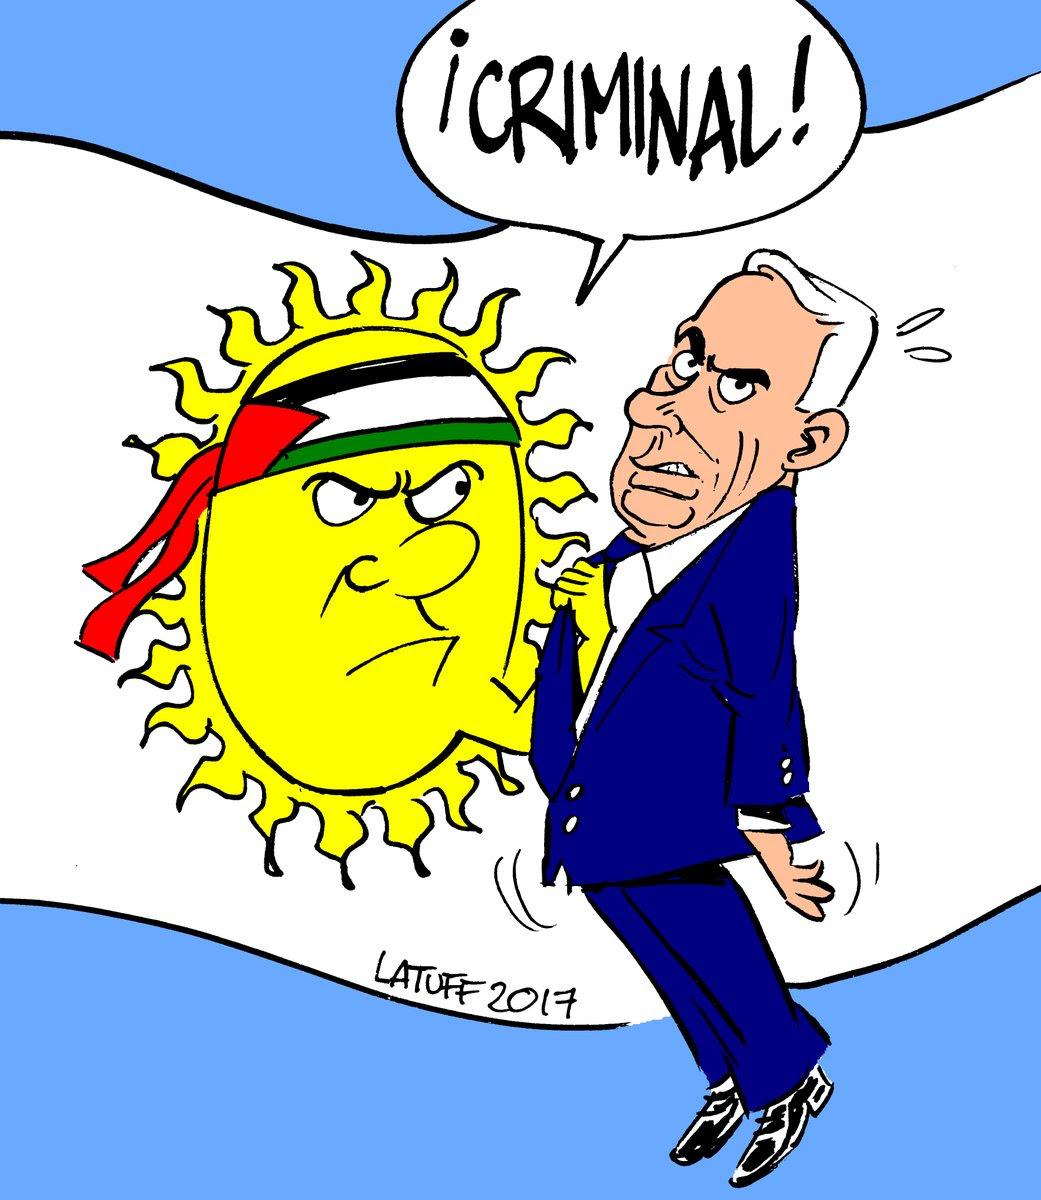 Convocan una marcha en repudio a la visita de Netanyahu a Argentina